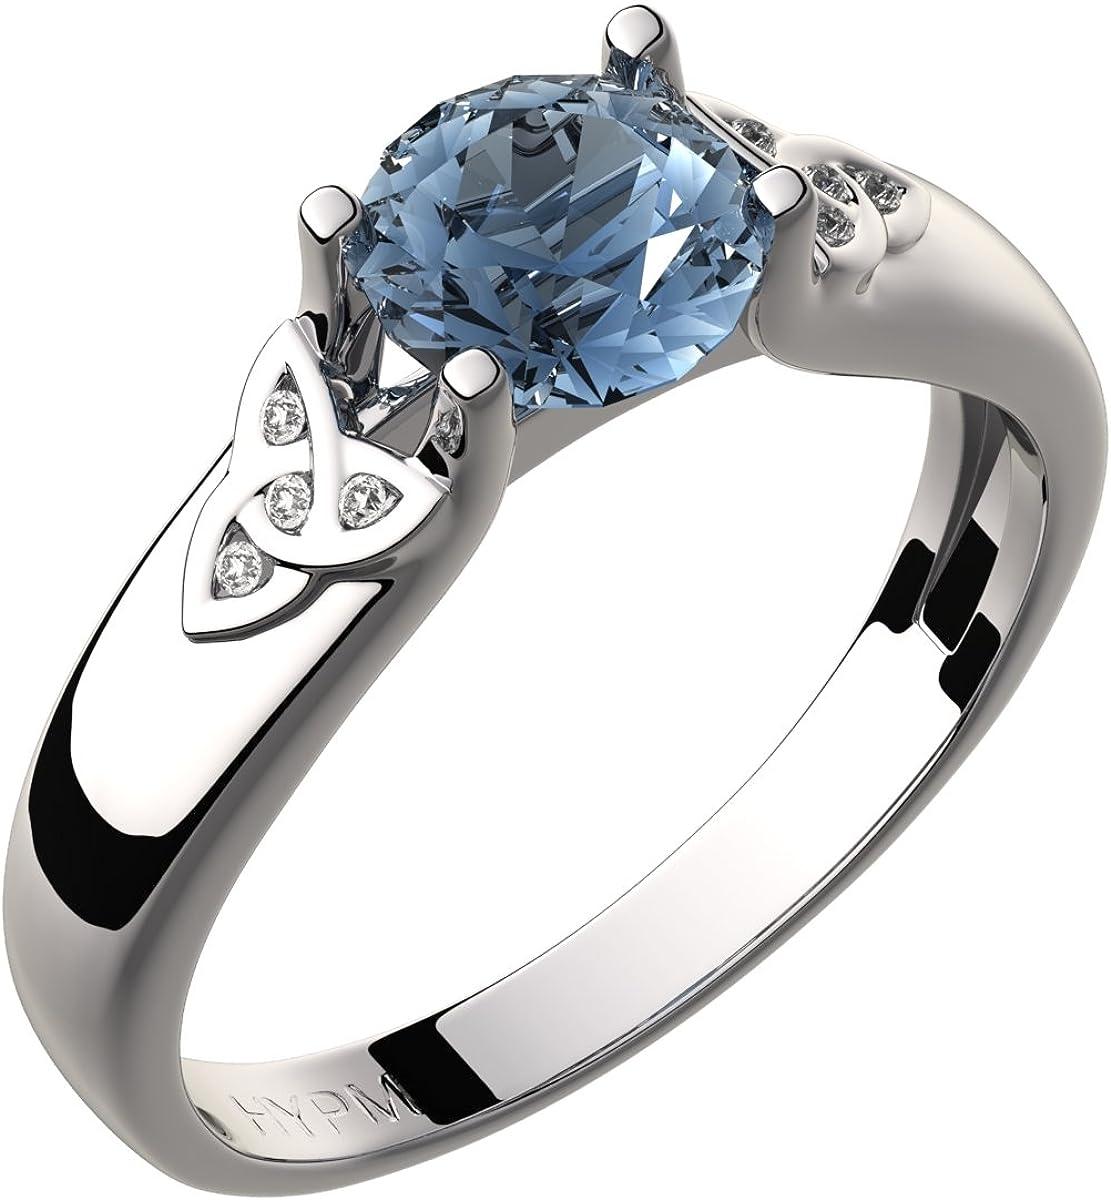 GWG Jewellery Anillos Mujer Regalo Anillo Celta Plata de Ley Circonita Grande de Color Aguamarina Azul Marino Adornado con Nudos de Trinidad Incrustados con Cristales - 5 para Mujeres